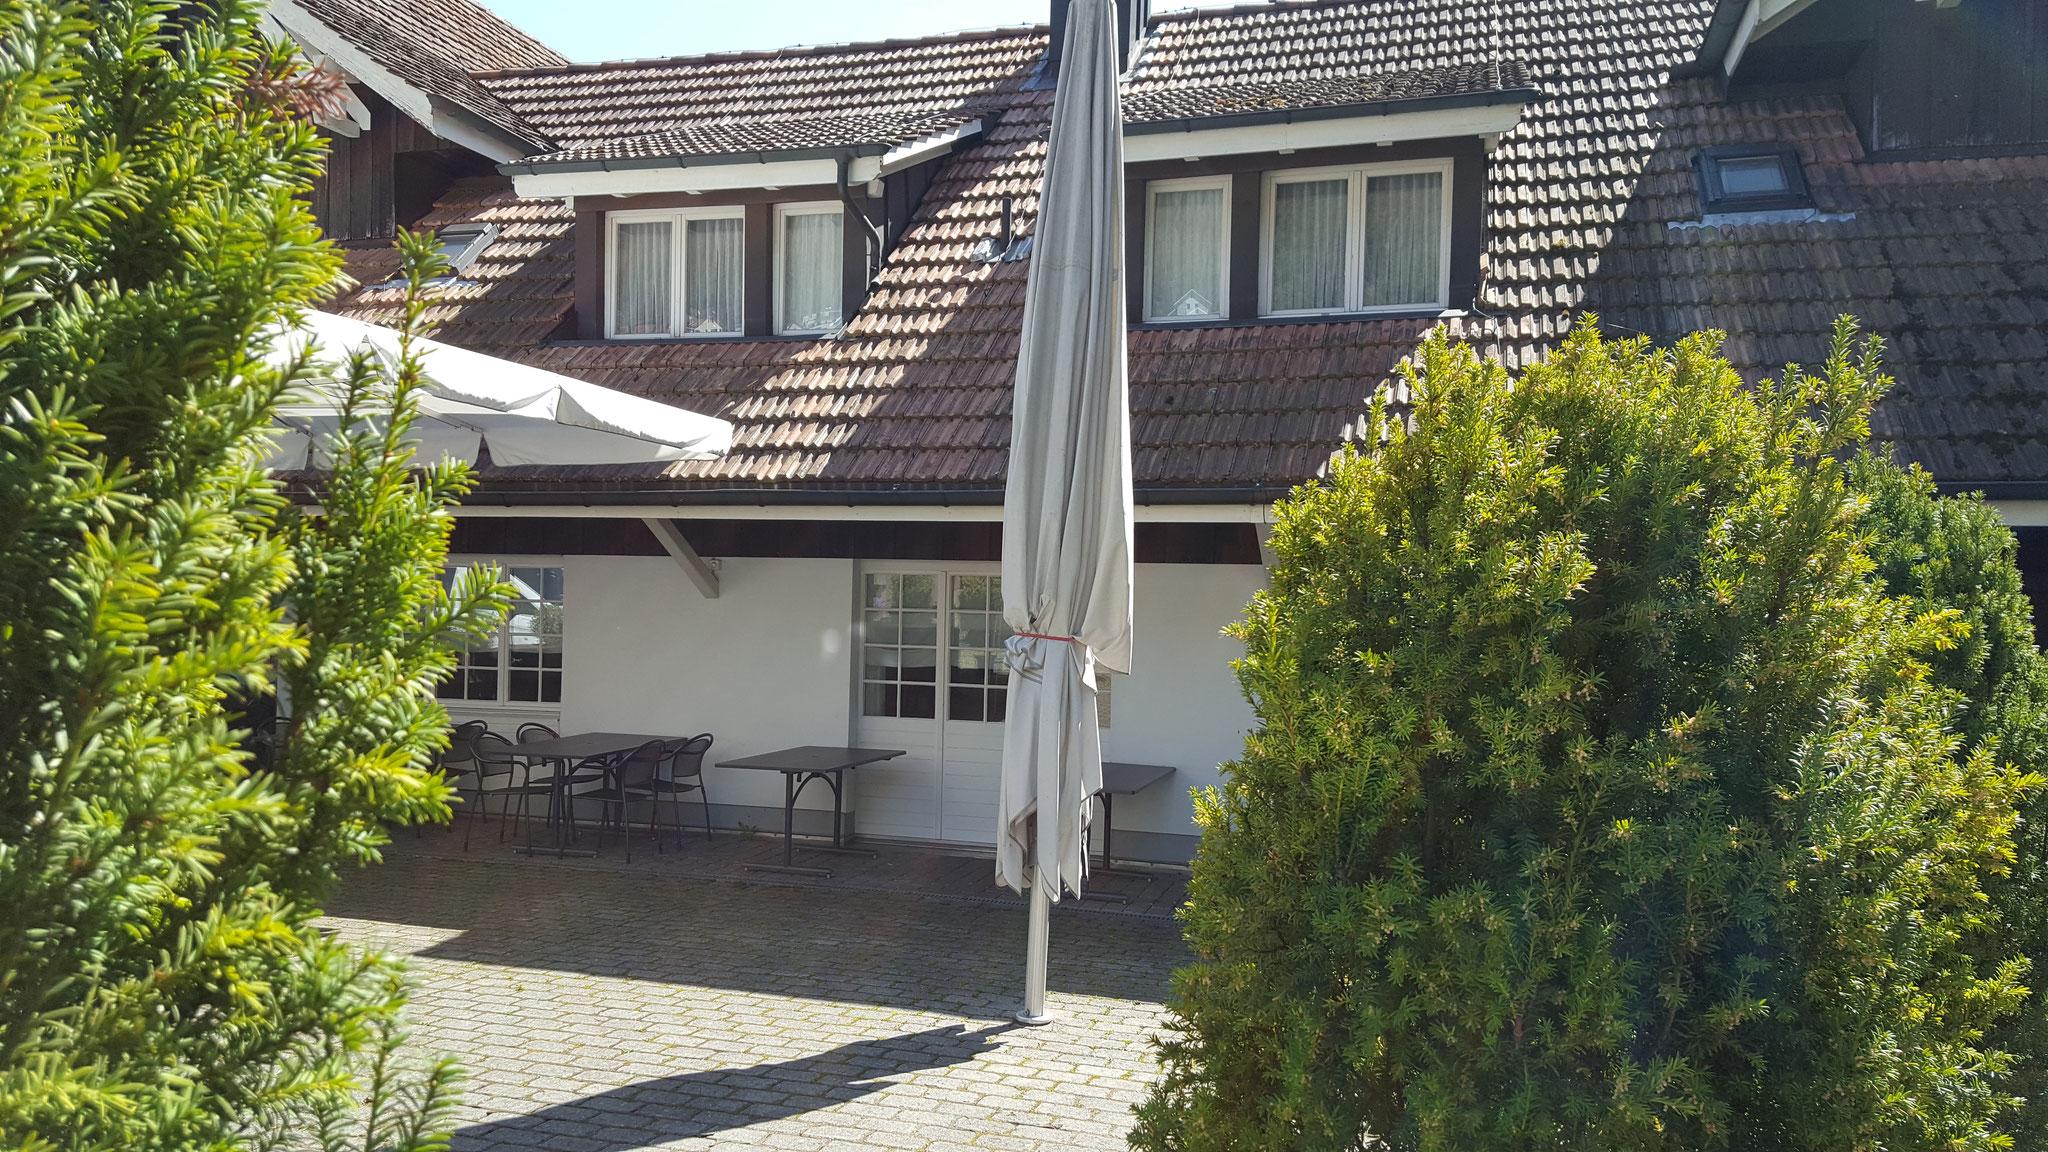 Verbandstagung in Egerkingen (Schweiz): Hotel Gasthof Kreuz, Oltnerstrasse 11, CH-4622 Egerkingen (Aussenansicht, Fassade Hofseite)